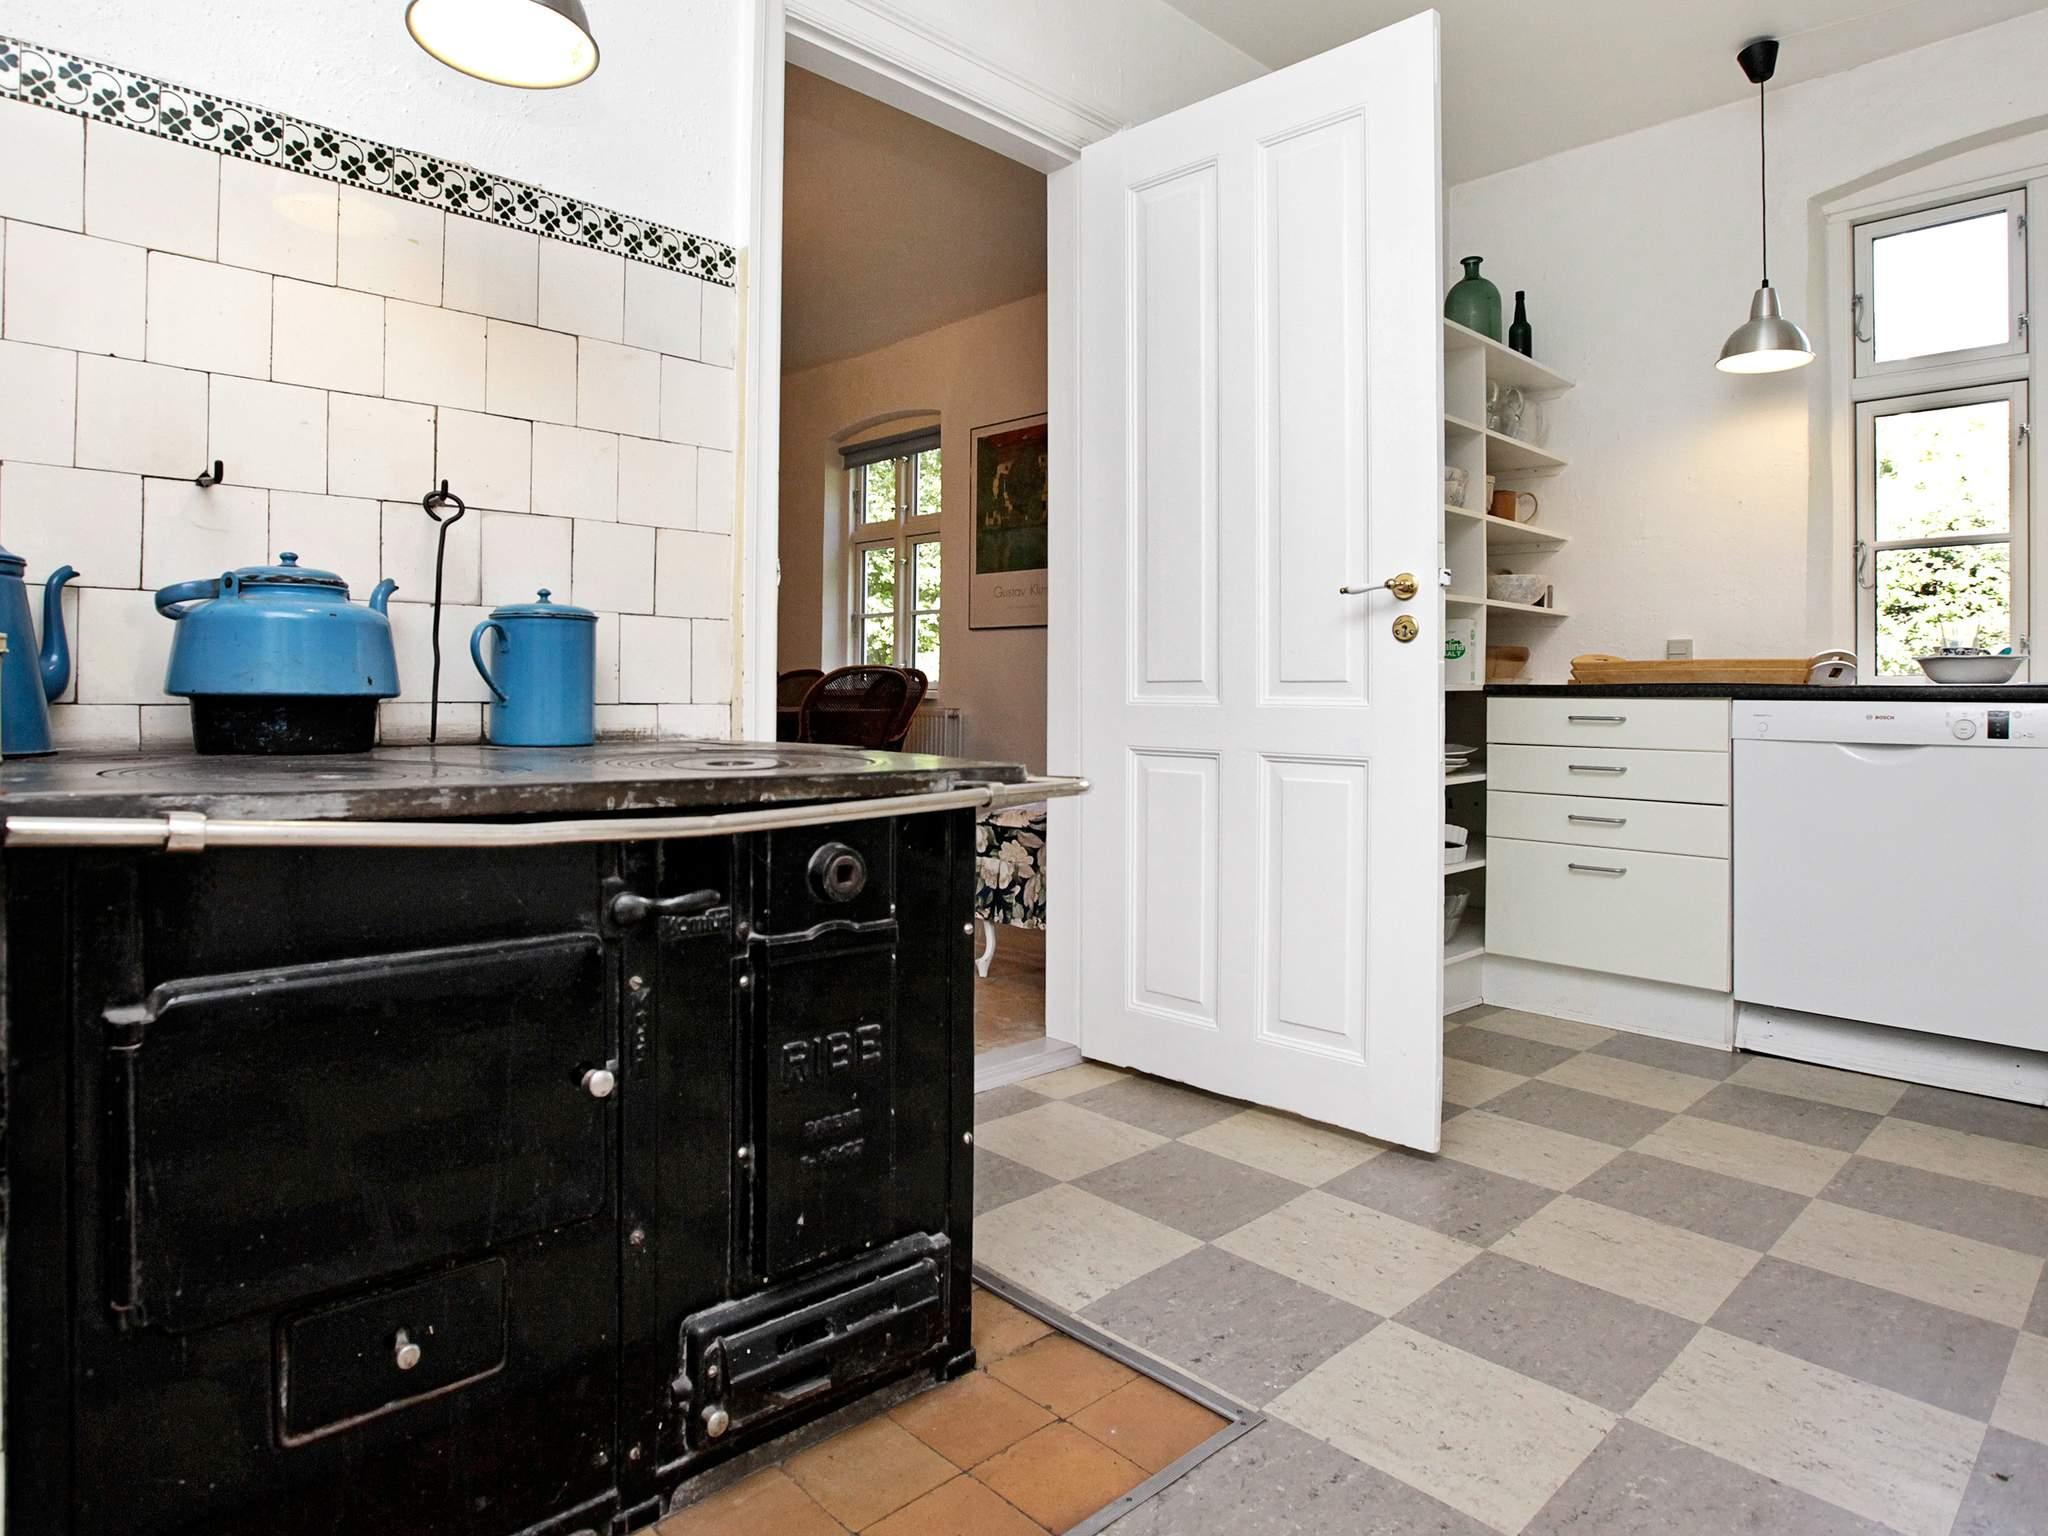 Ferienhaus Munkebo (86624), Munkebo, , Fünen, Dänemark, Bild 6